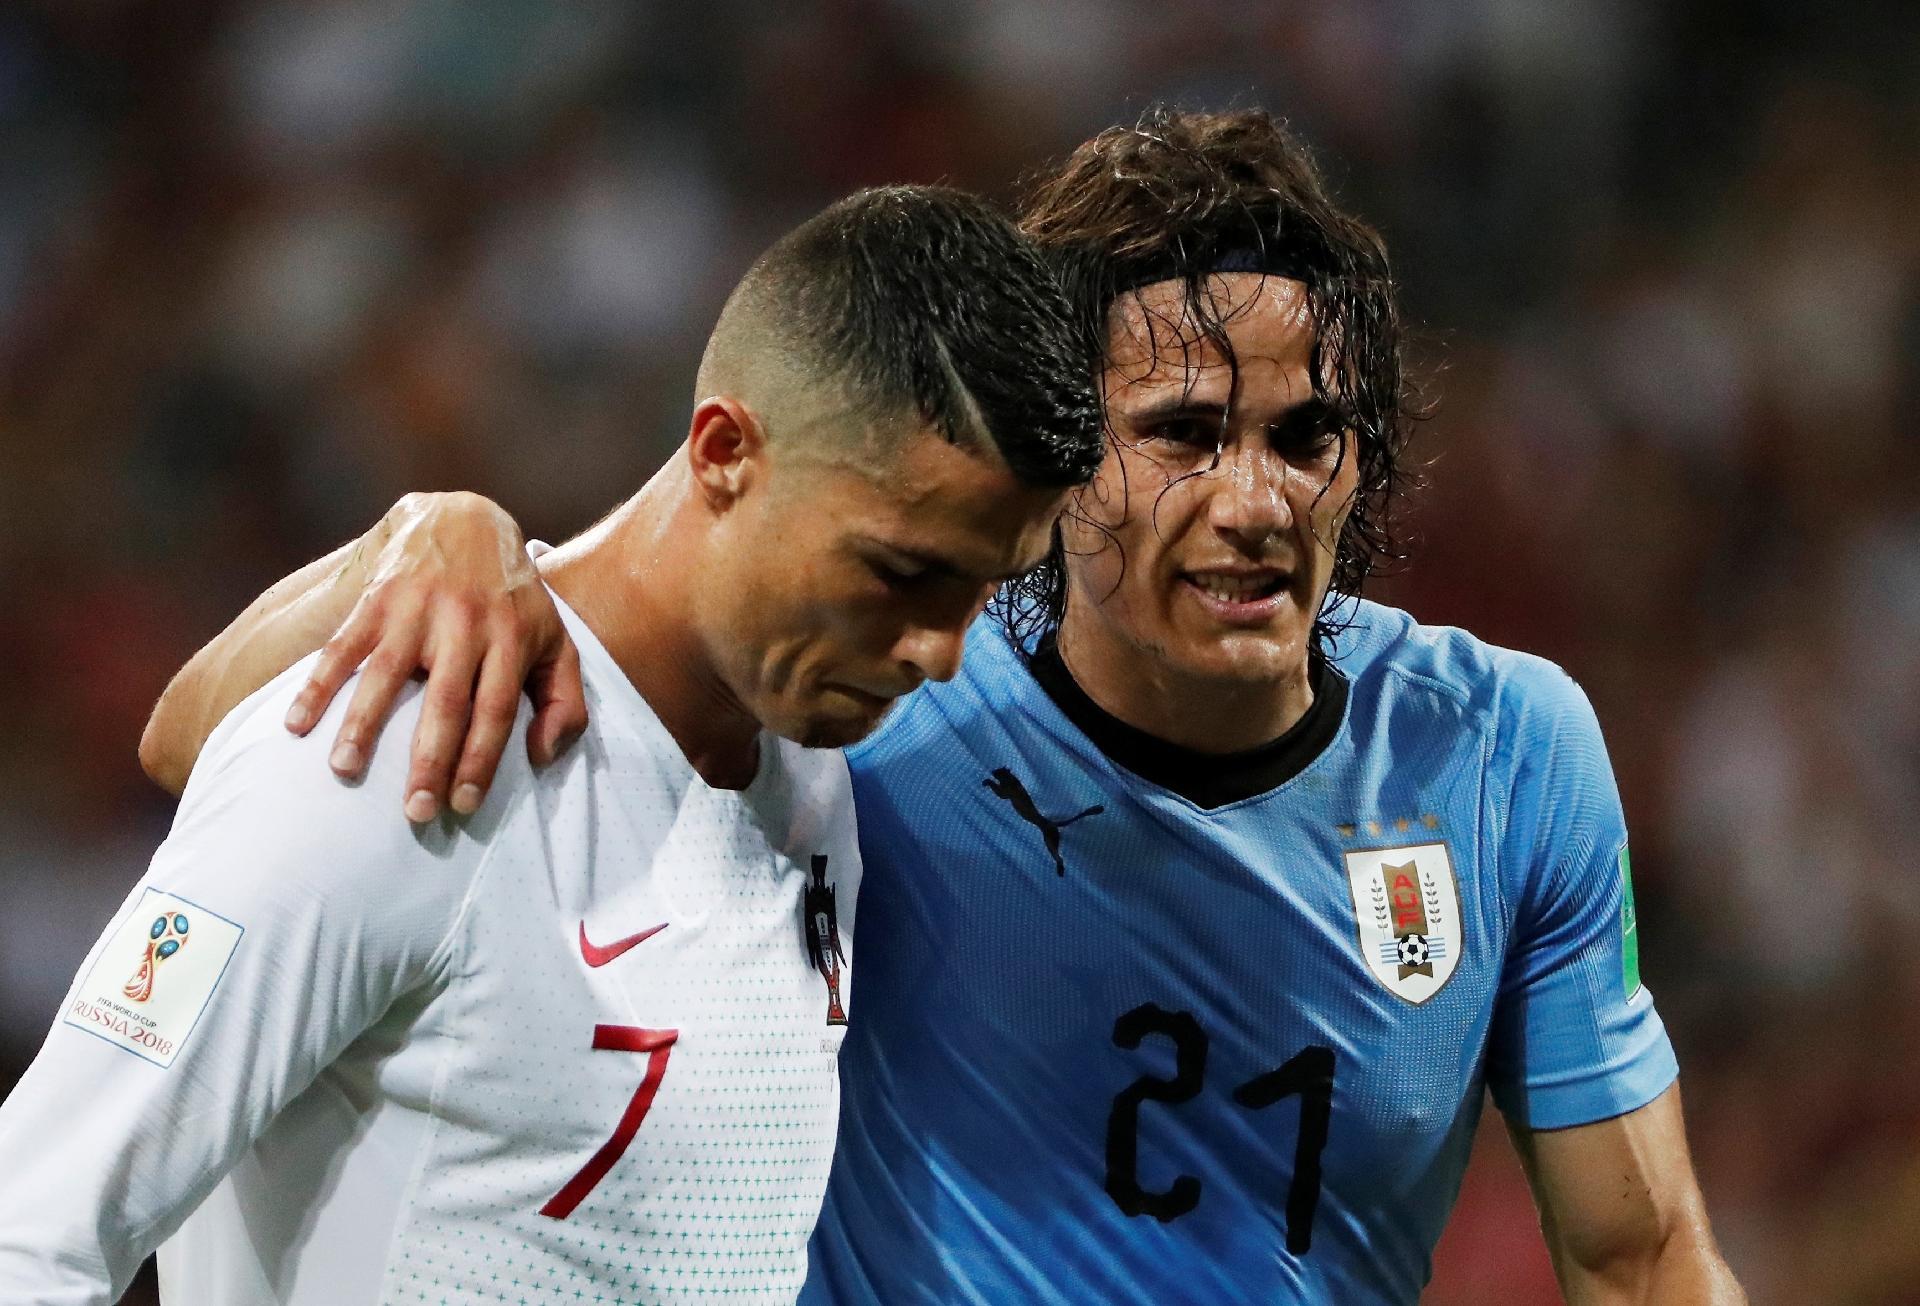 Uruguai na Copa 2018  Cavani não treina e está fora do time titular contra  a França 9860cc32ee936